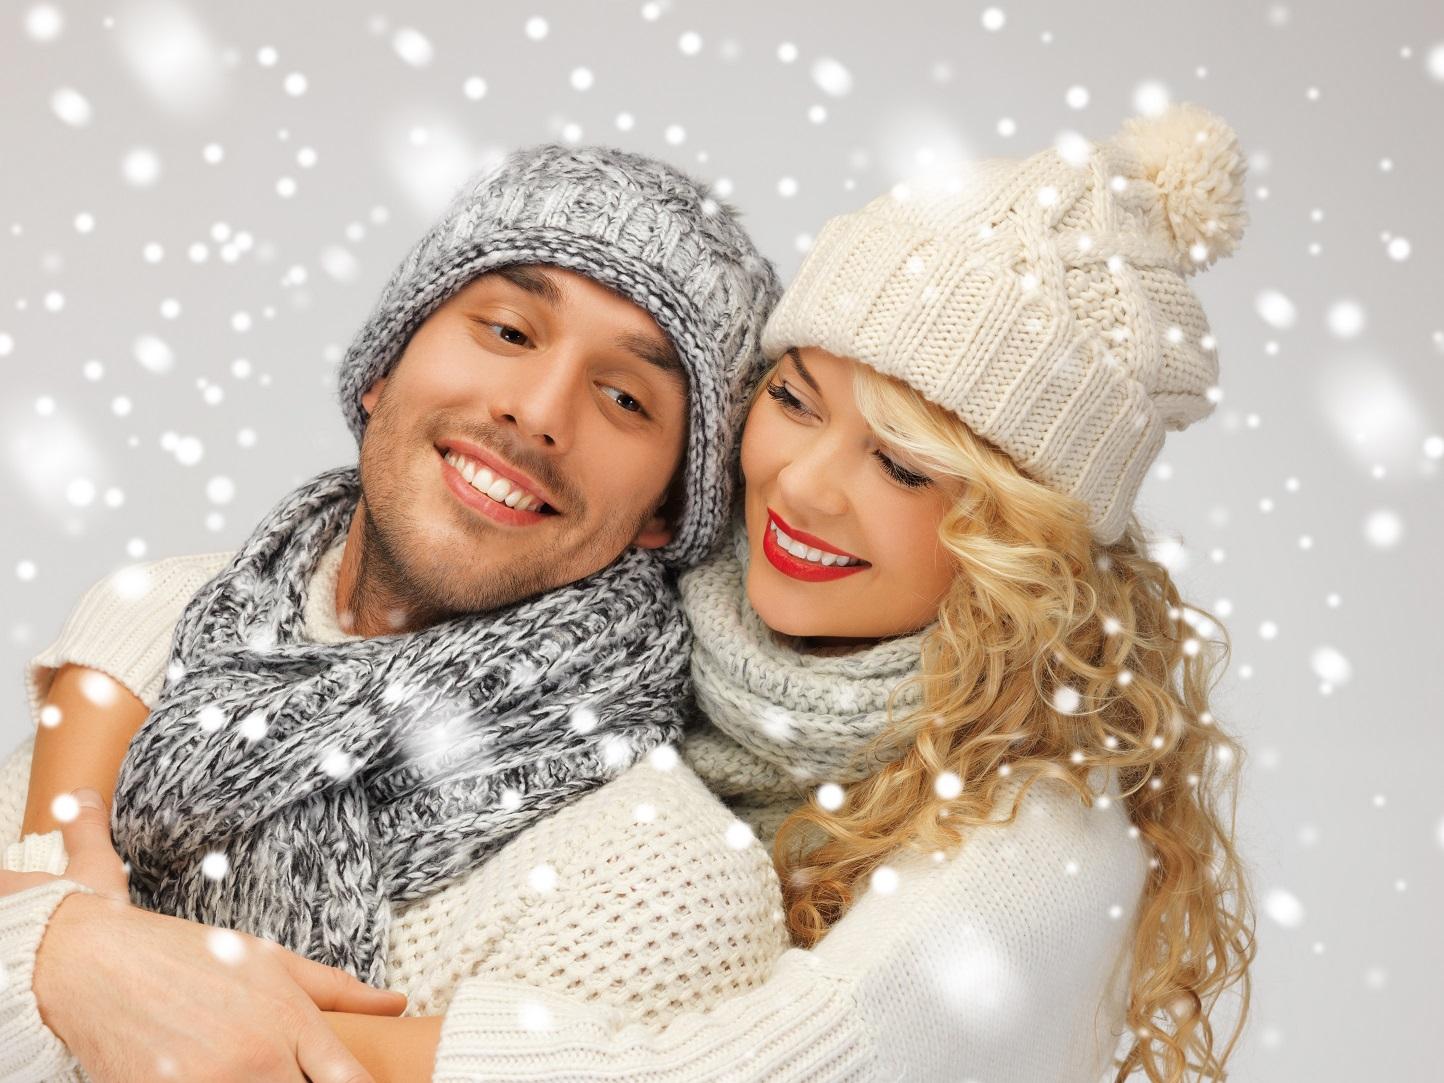 Отдых в январе. Источник фото: Shutterstock